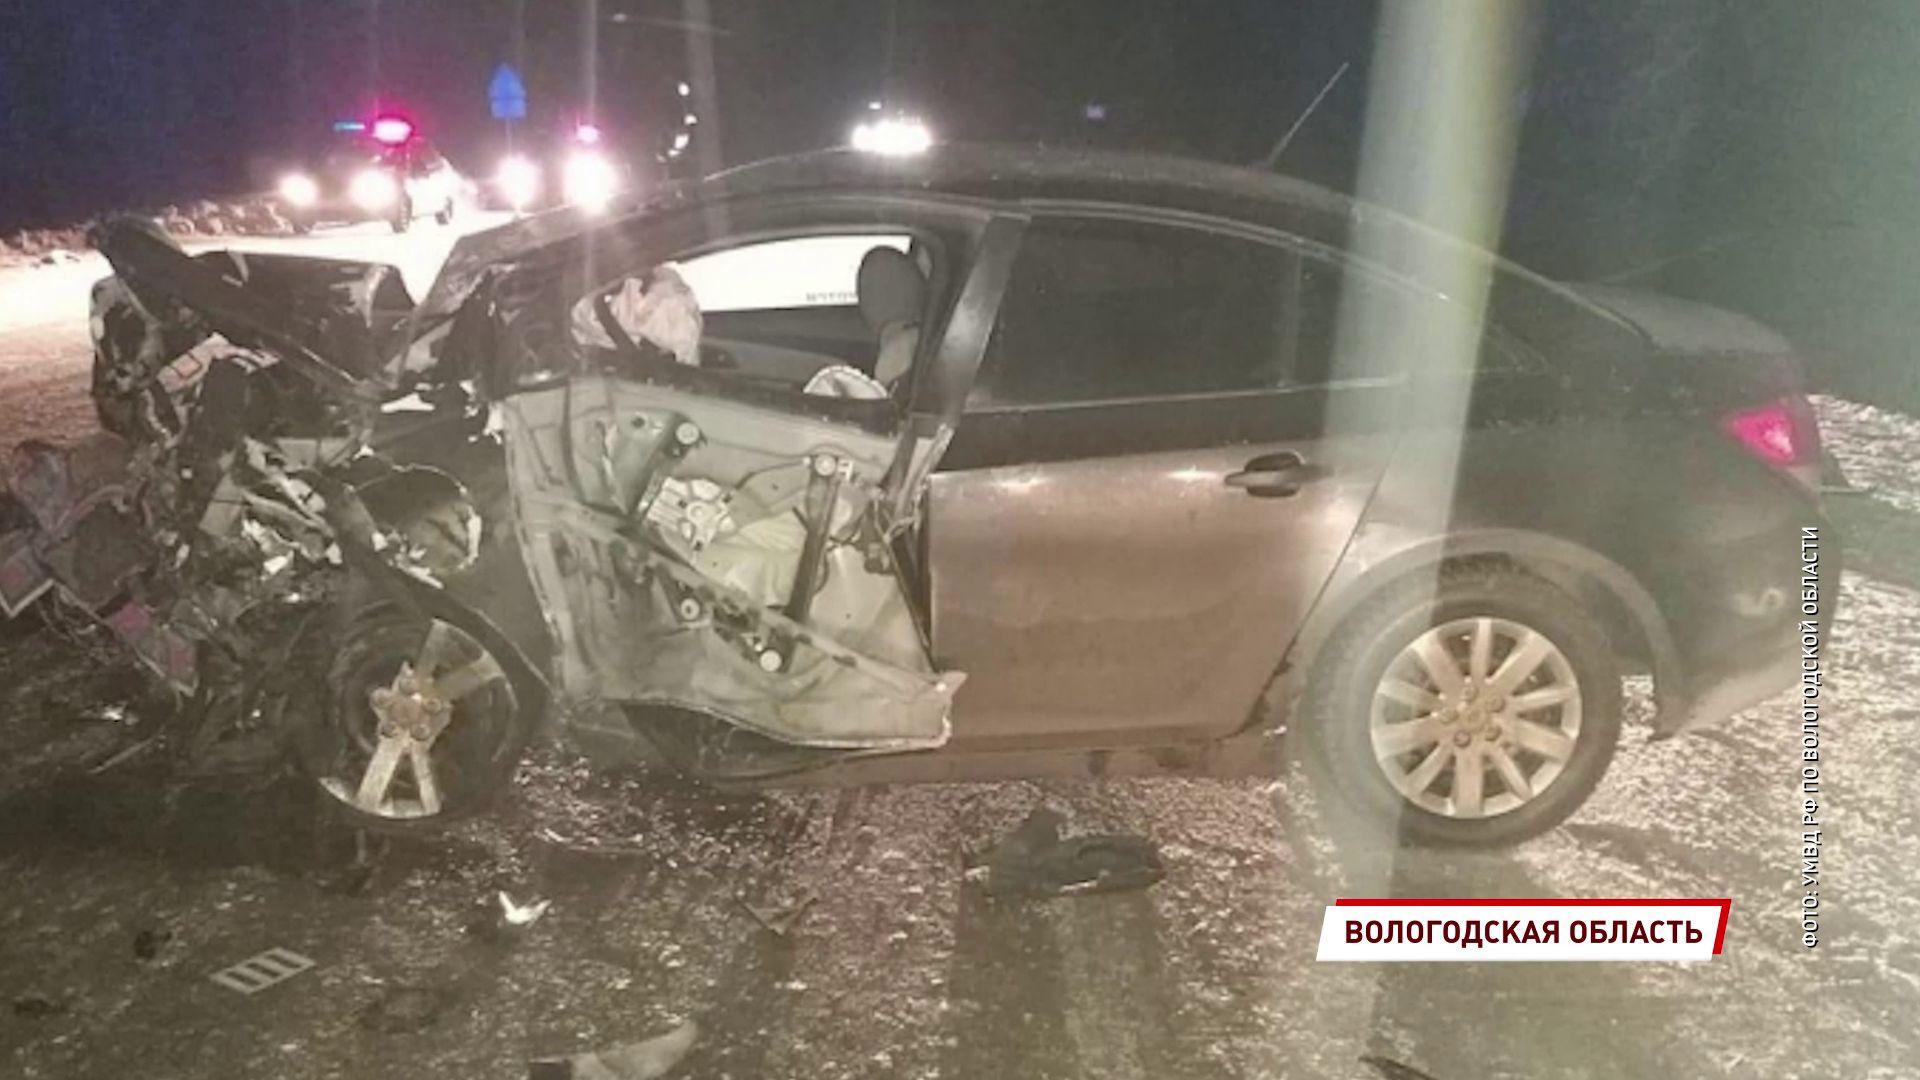 В ДТП погибли заведующая отделением инфекционной больницы Ярославля и ее супруг